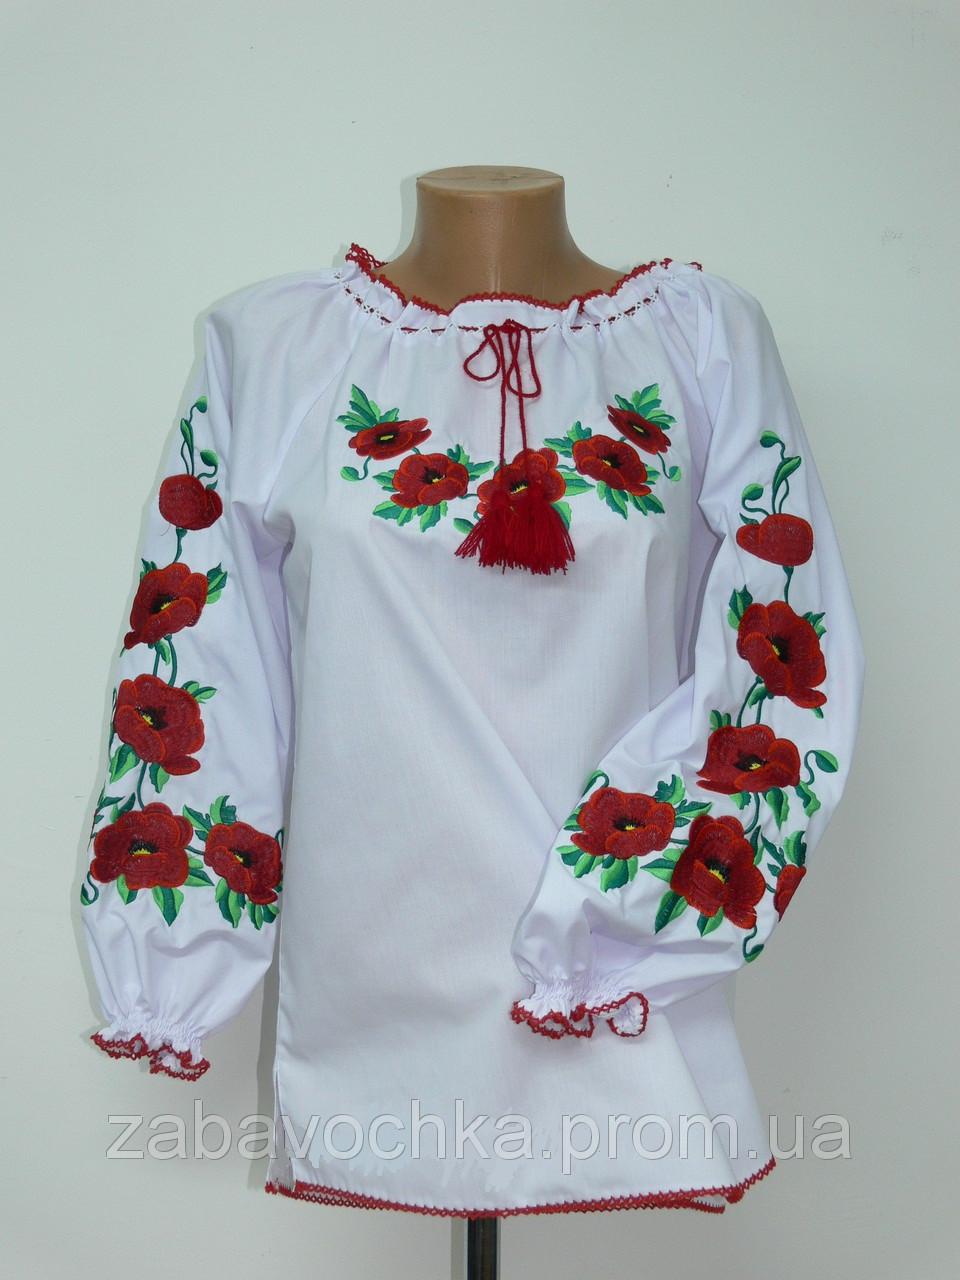 """Вышиванка женская """"Маки"""", 56-62 размер, 390/350 (цена за 1 шт. + 40 гр.)"""